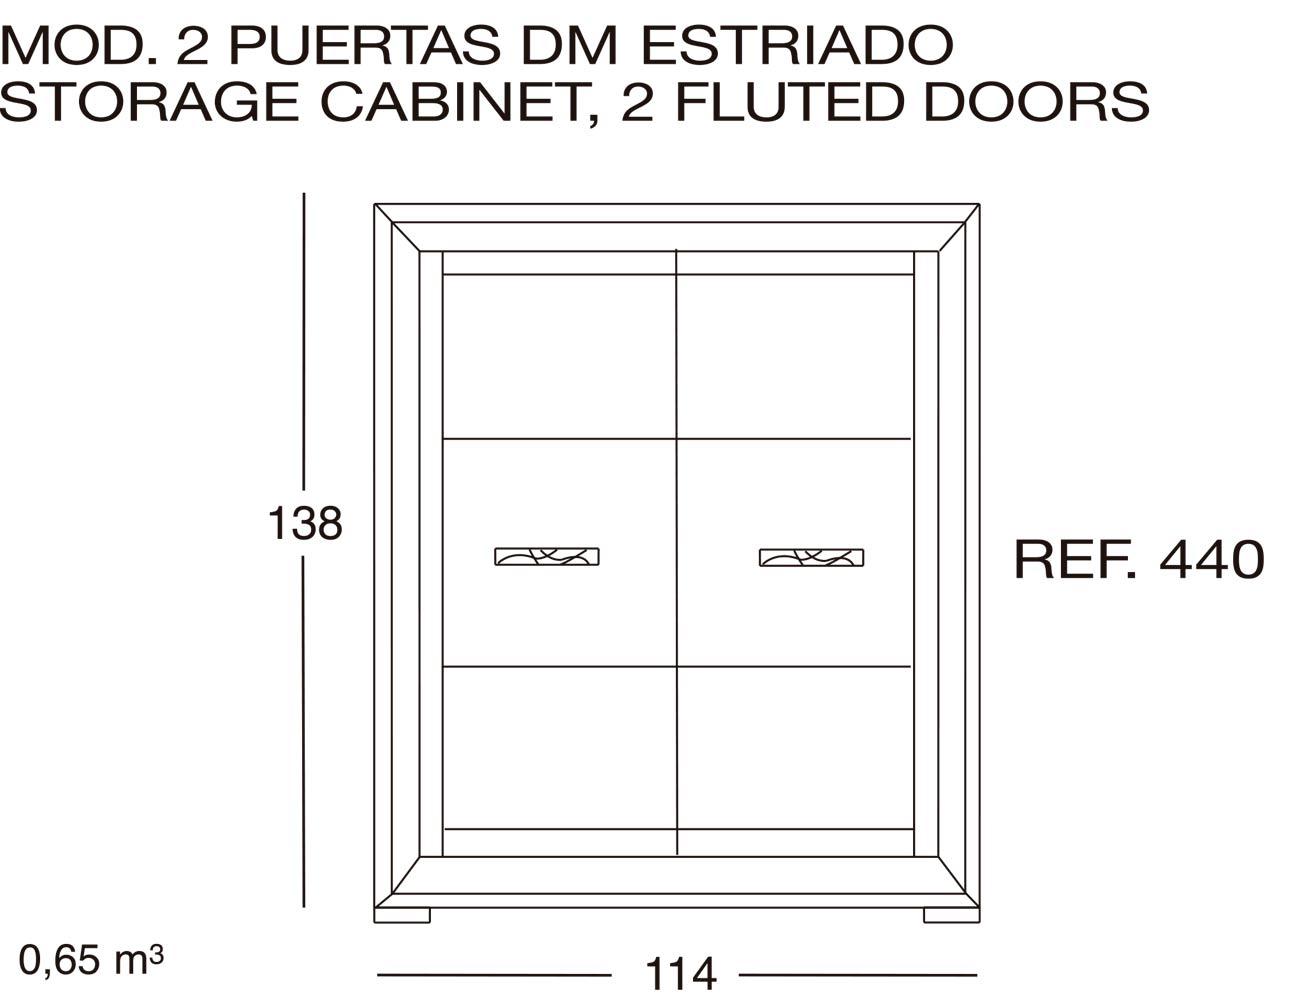 Modulo 2 puertas dm estriado 440